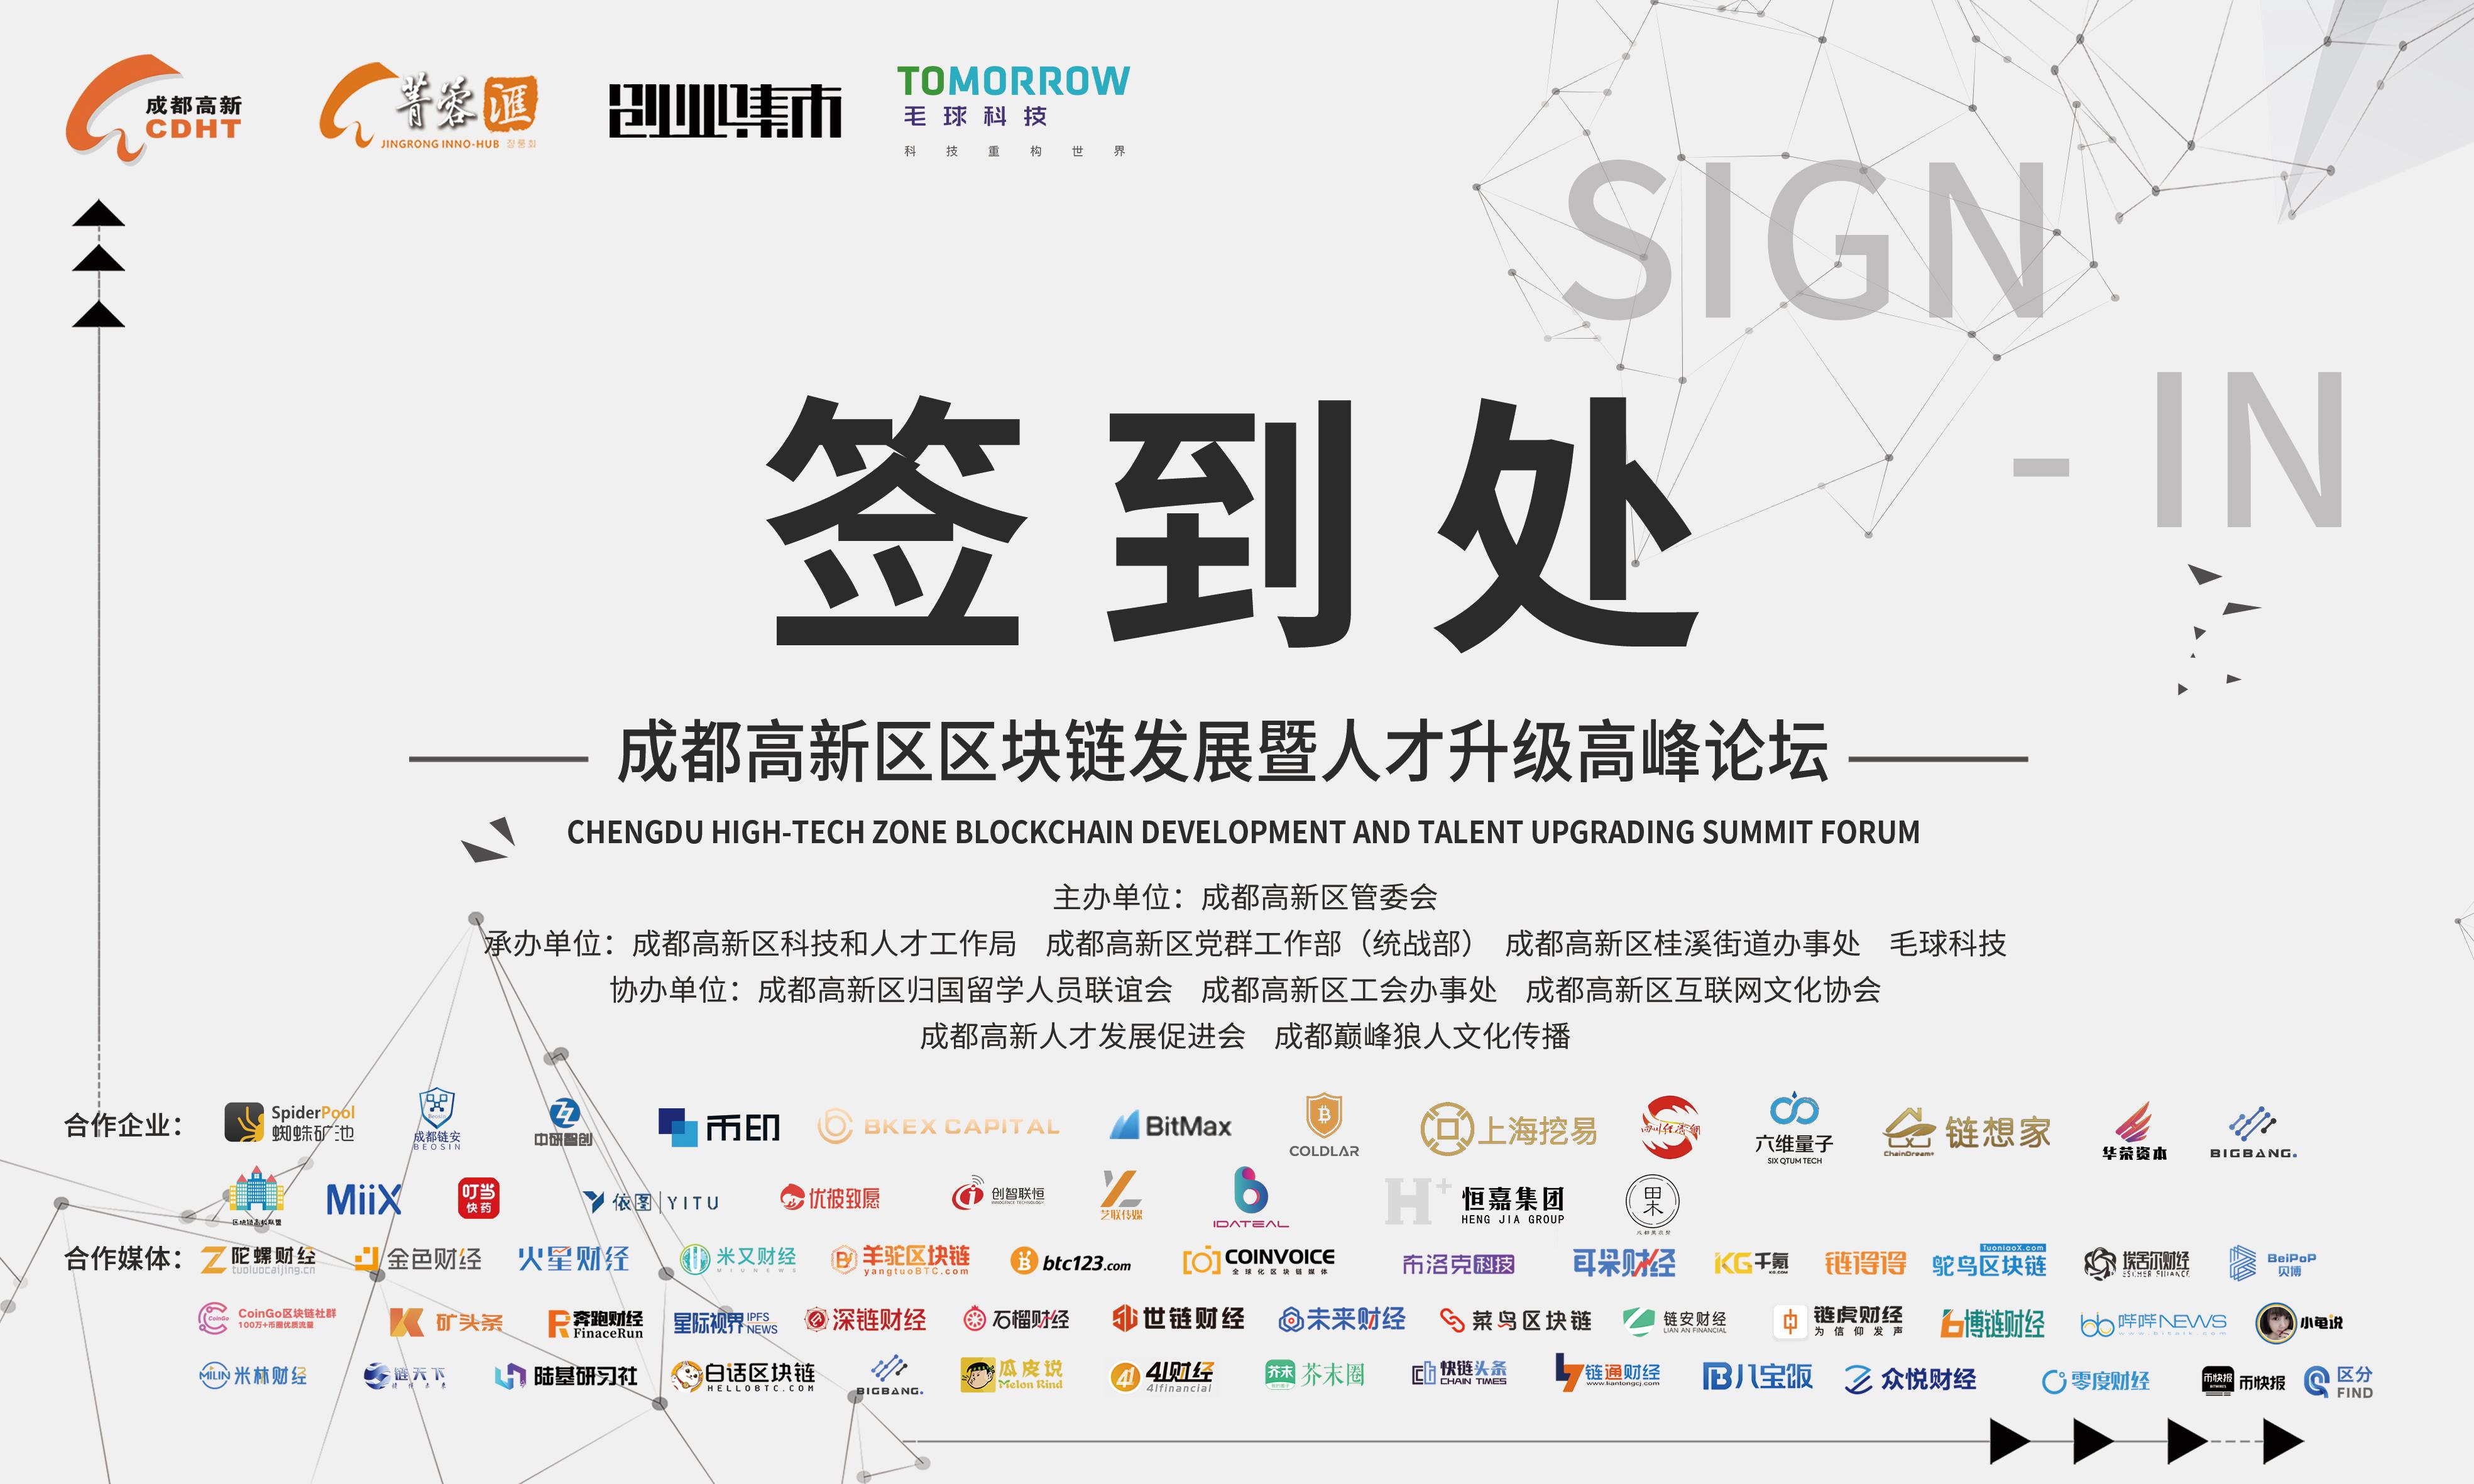 成都高新区区块链行业发展暨人才升级高峰论坛即将成都市菁蓉汇举办